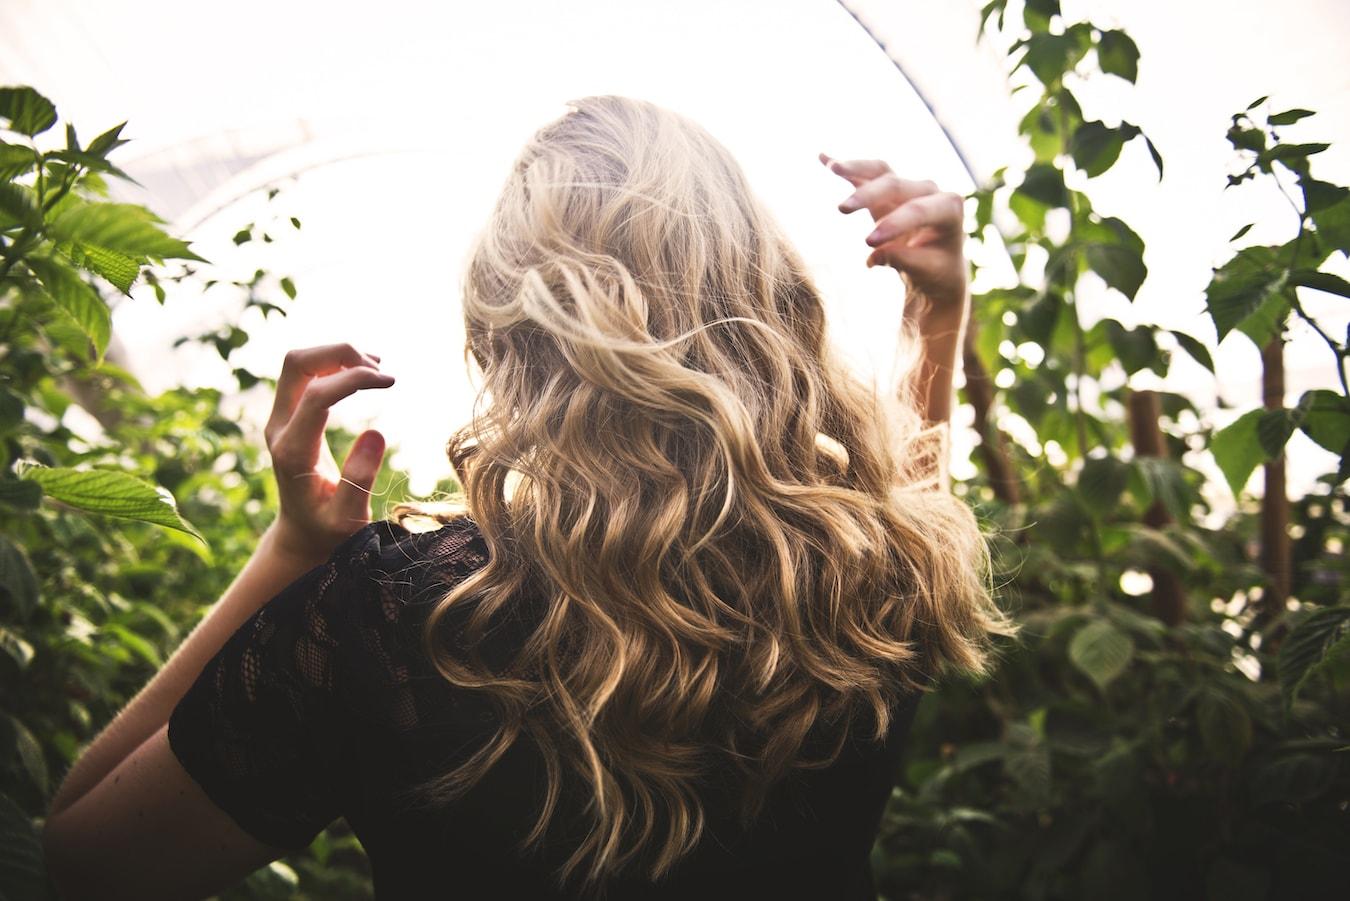 junge Frau mit blonden welligen Haaren gepflegte Haare mit Bergamotteöl